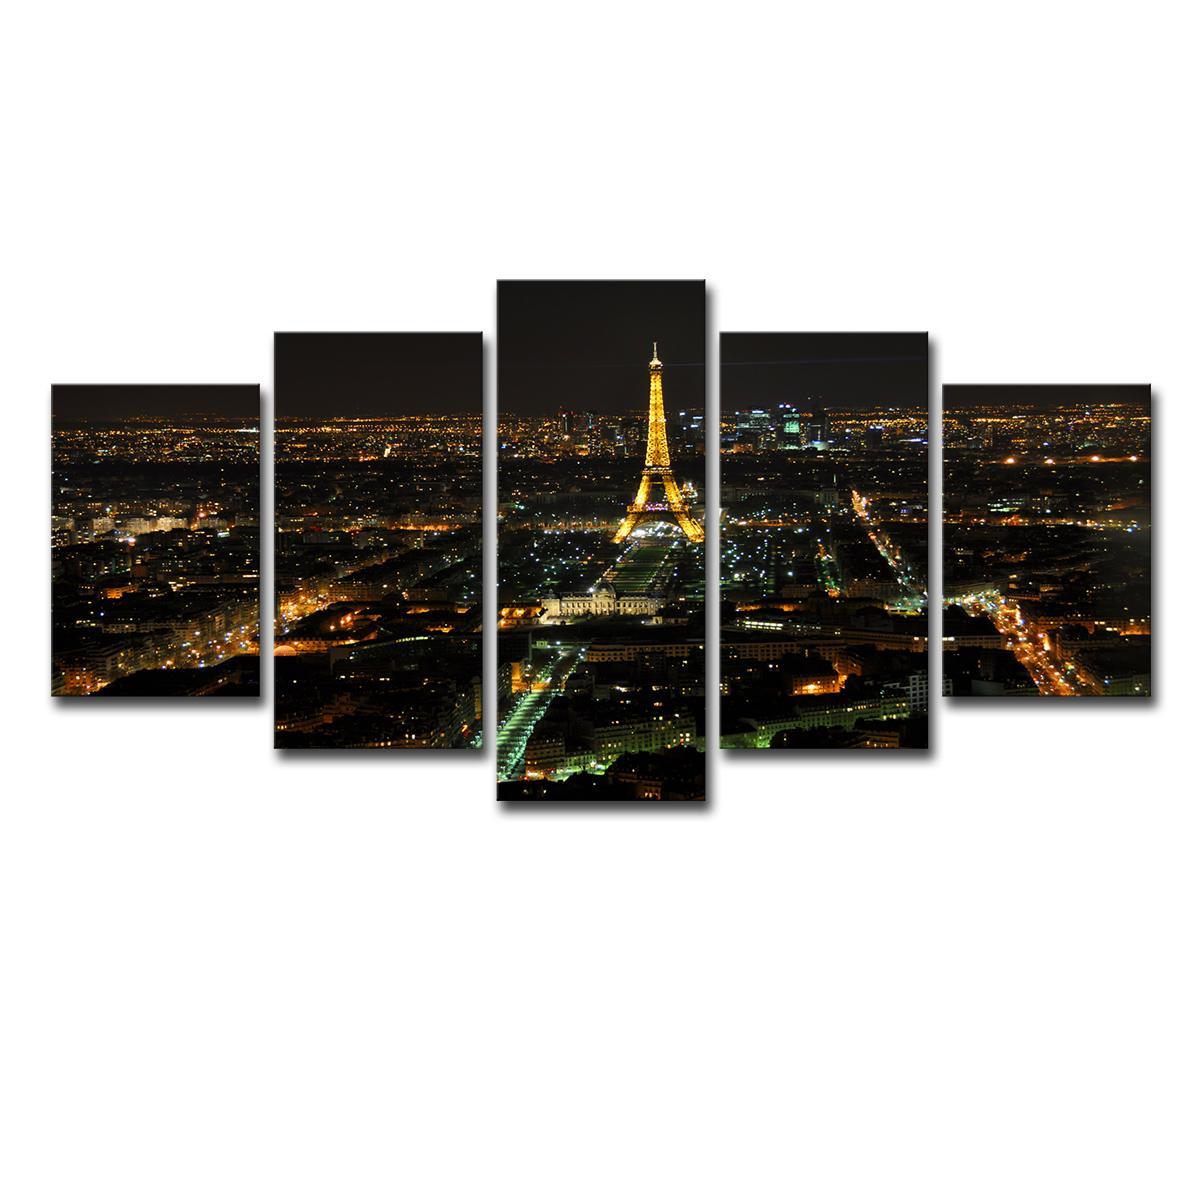 Paris Cityscape Eiffel Tower 5 Pieces canvas Wall Art Print Picture Home Decor